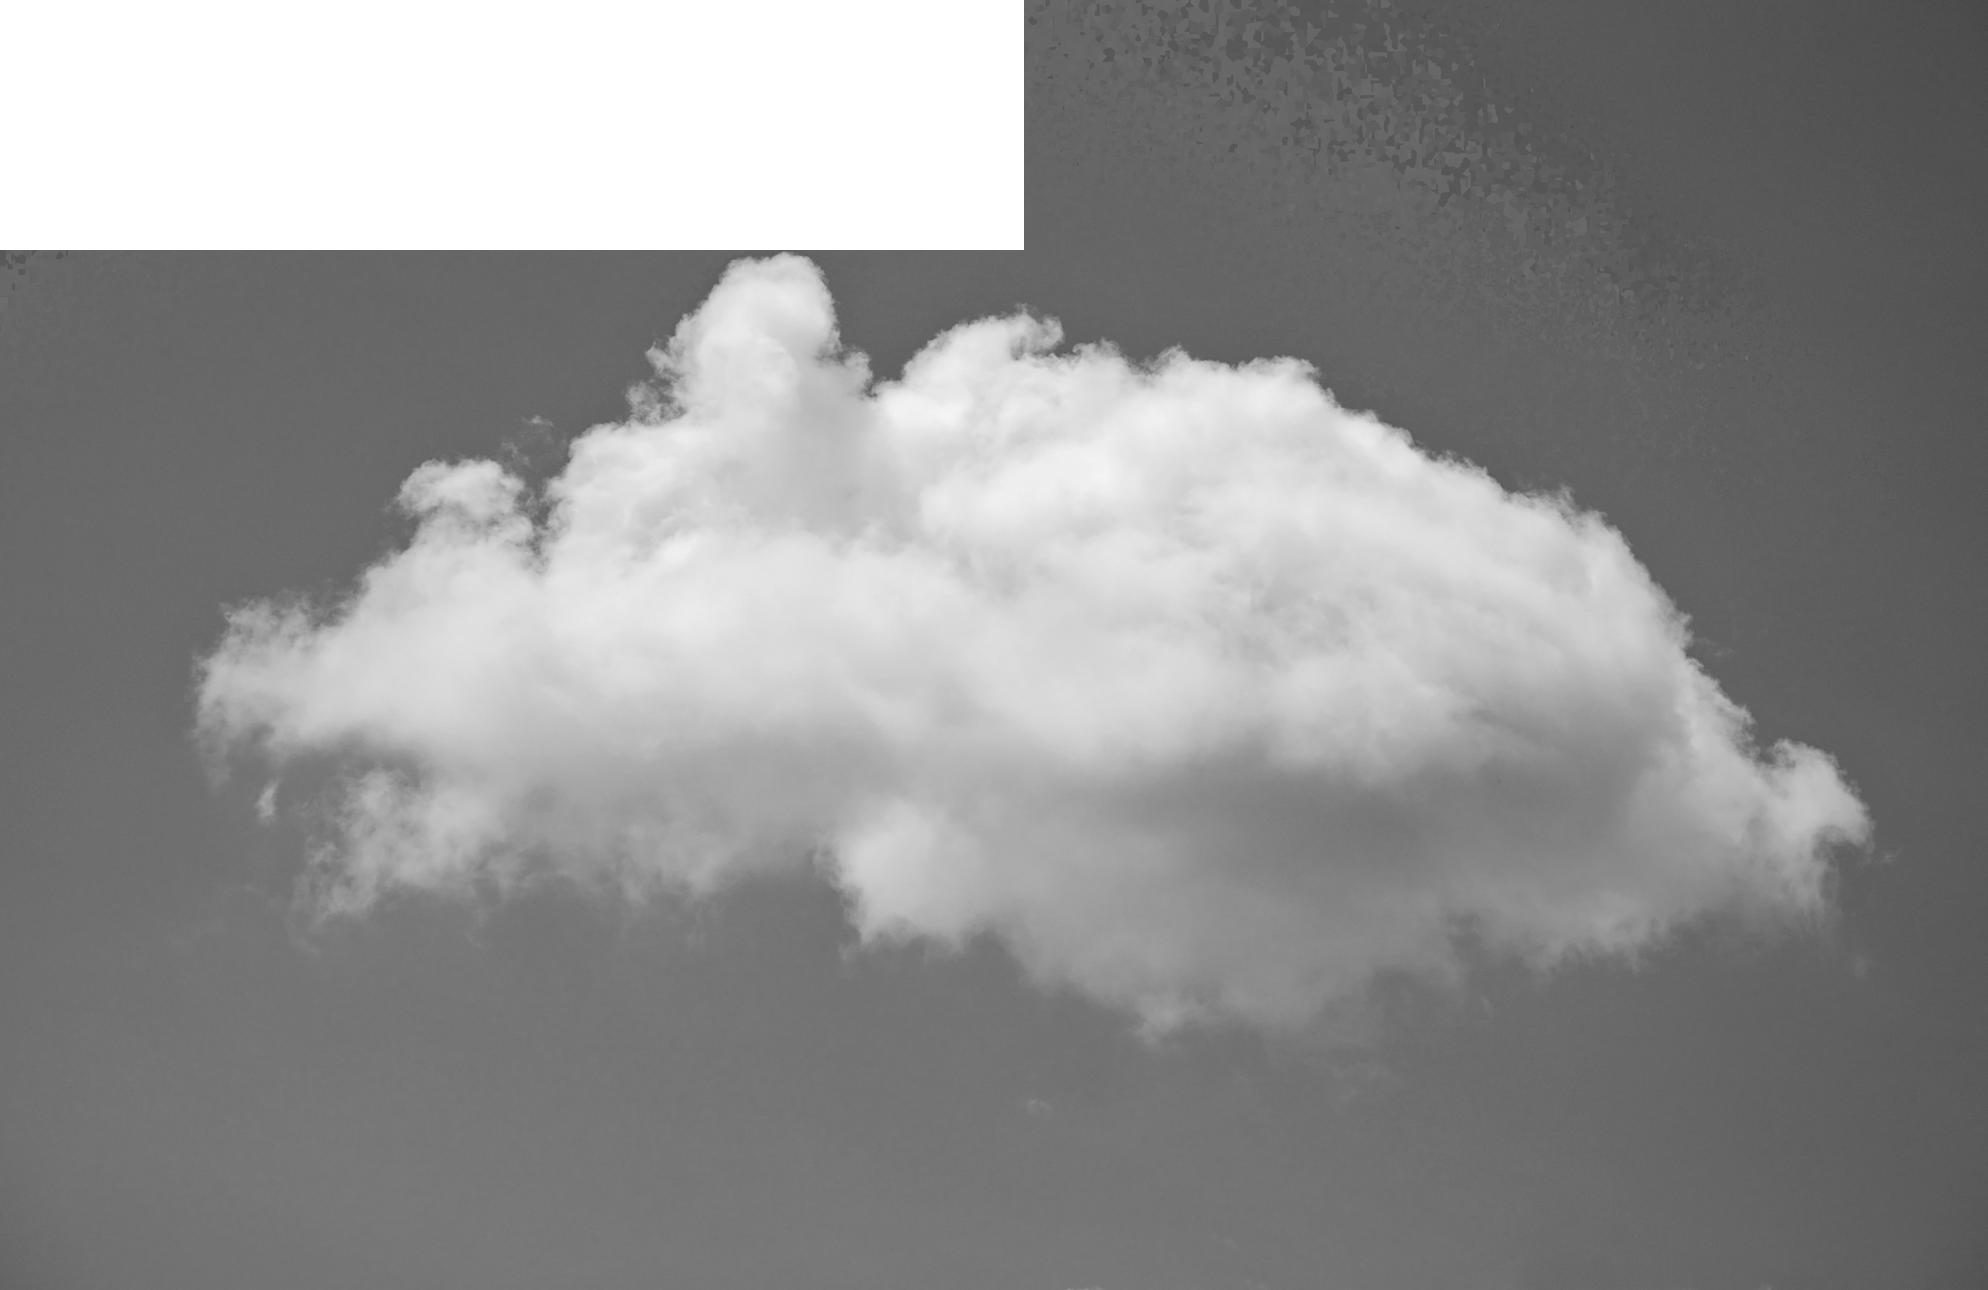 cloud PNG image - Cloud PNG